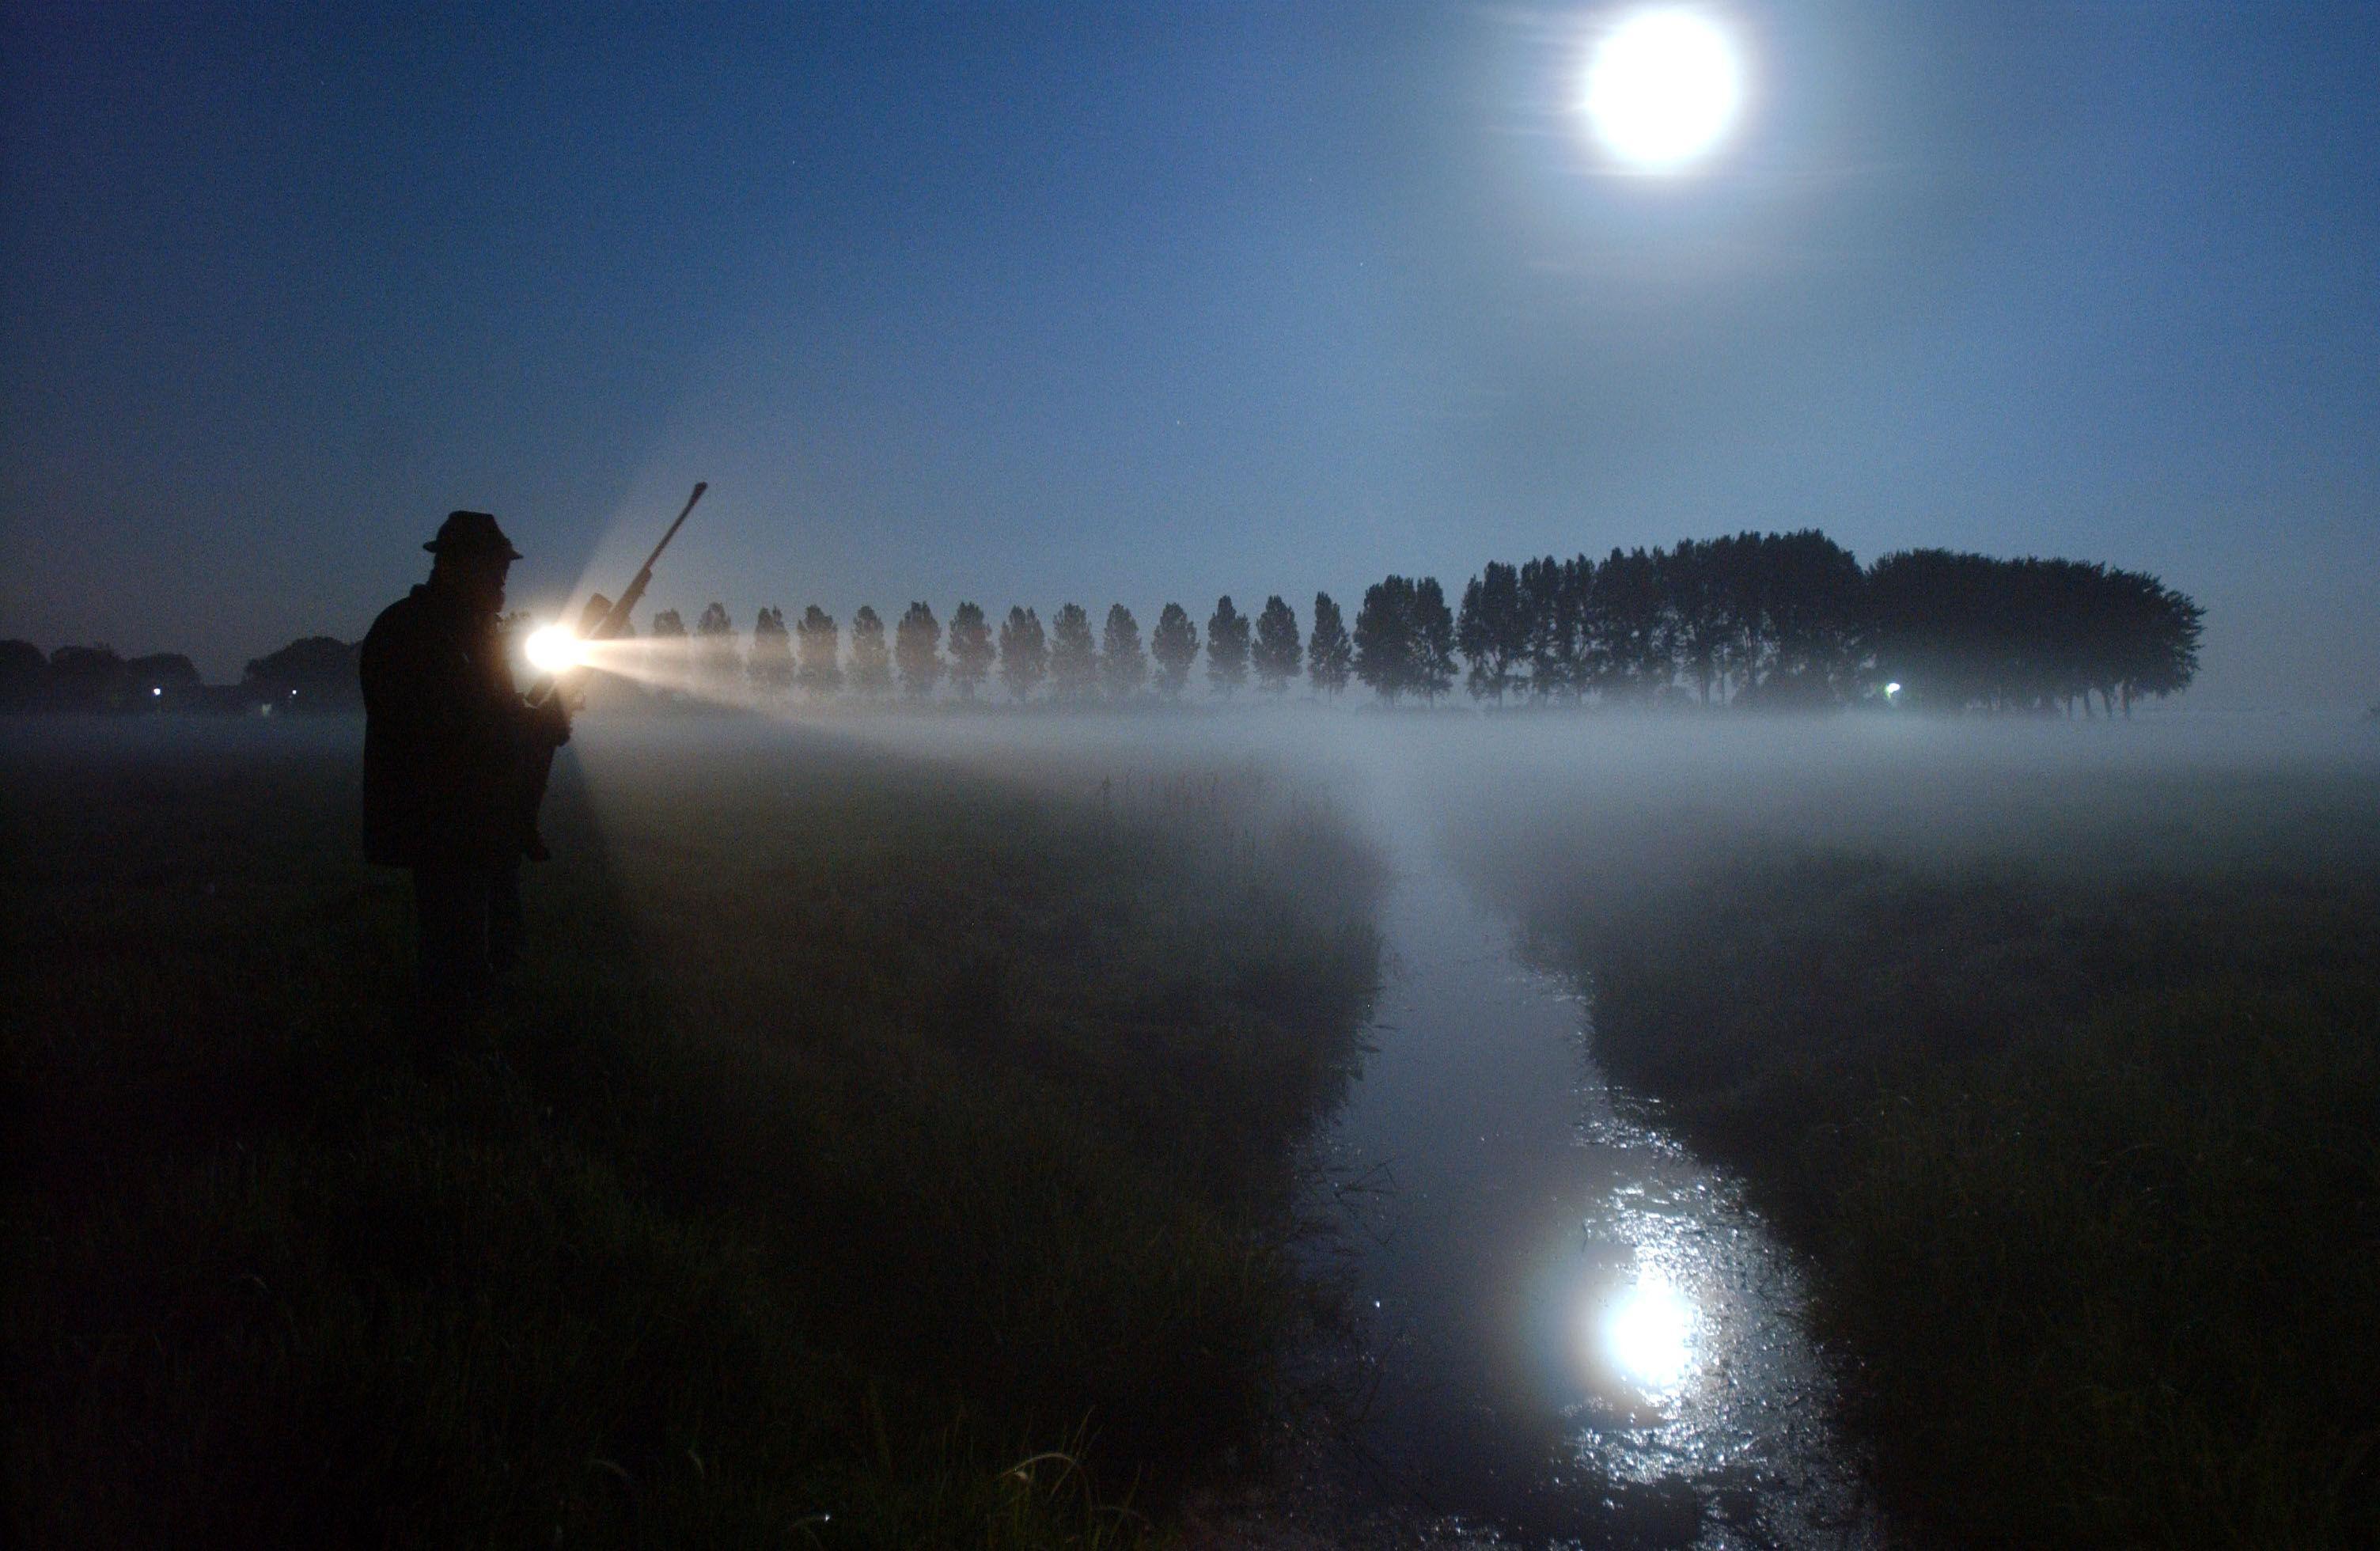 Jagers mogen ondanks avondklok 's nachts op pad, maar willen ook op vos jagen